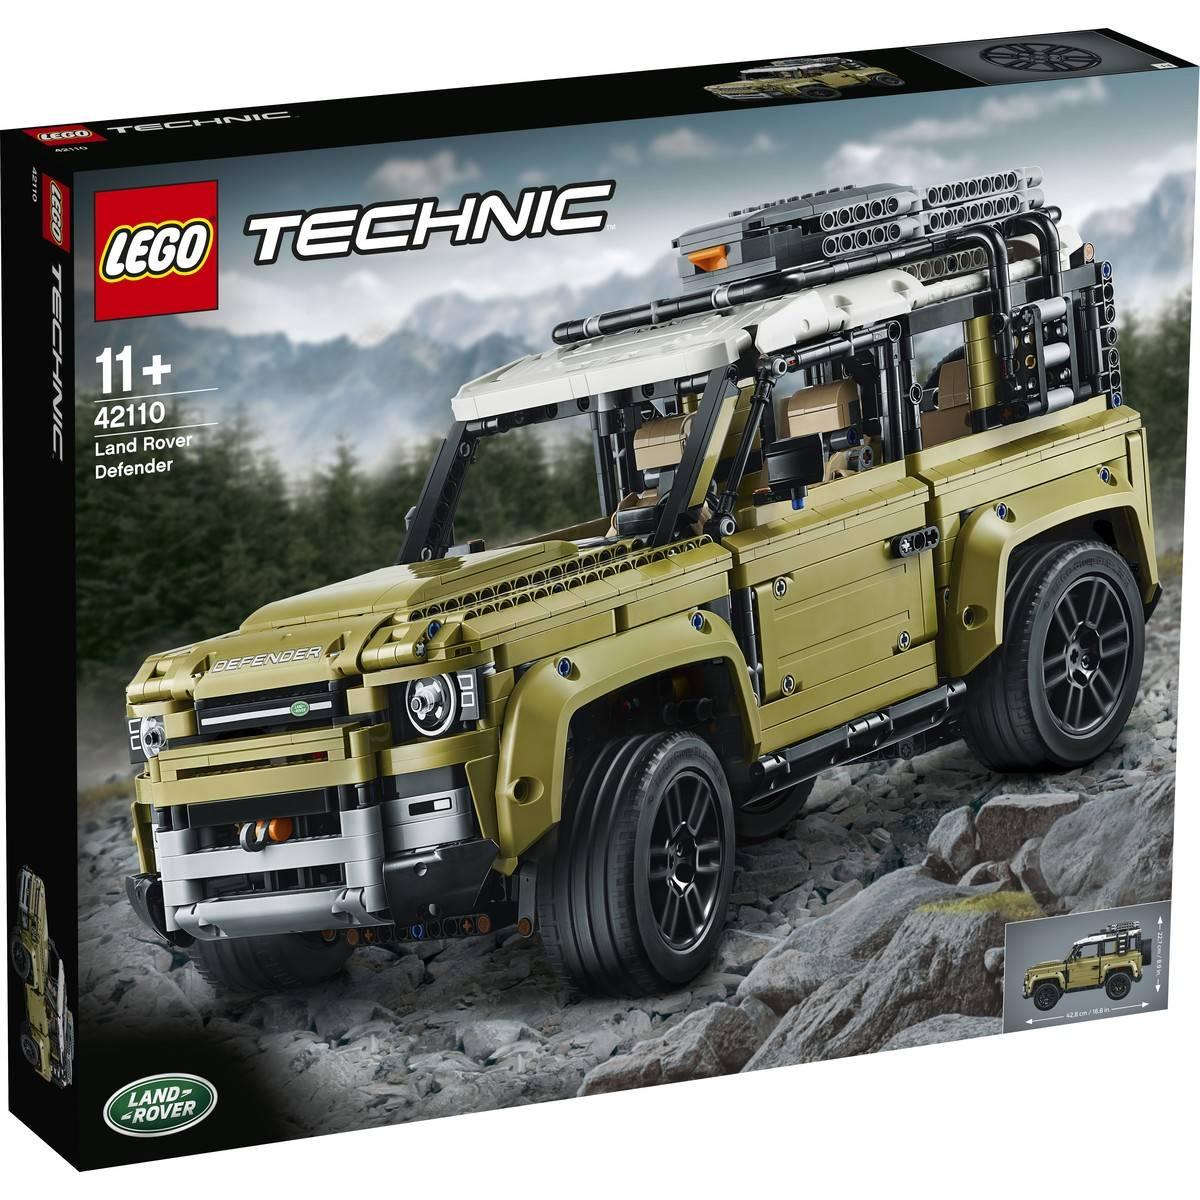 Land-Rover LEGO Defender